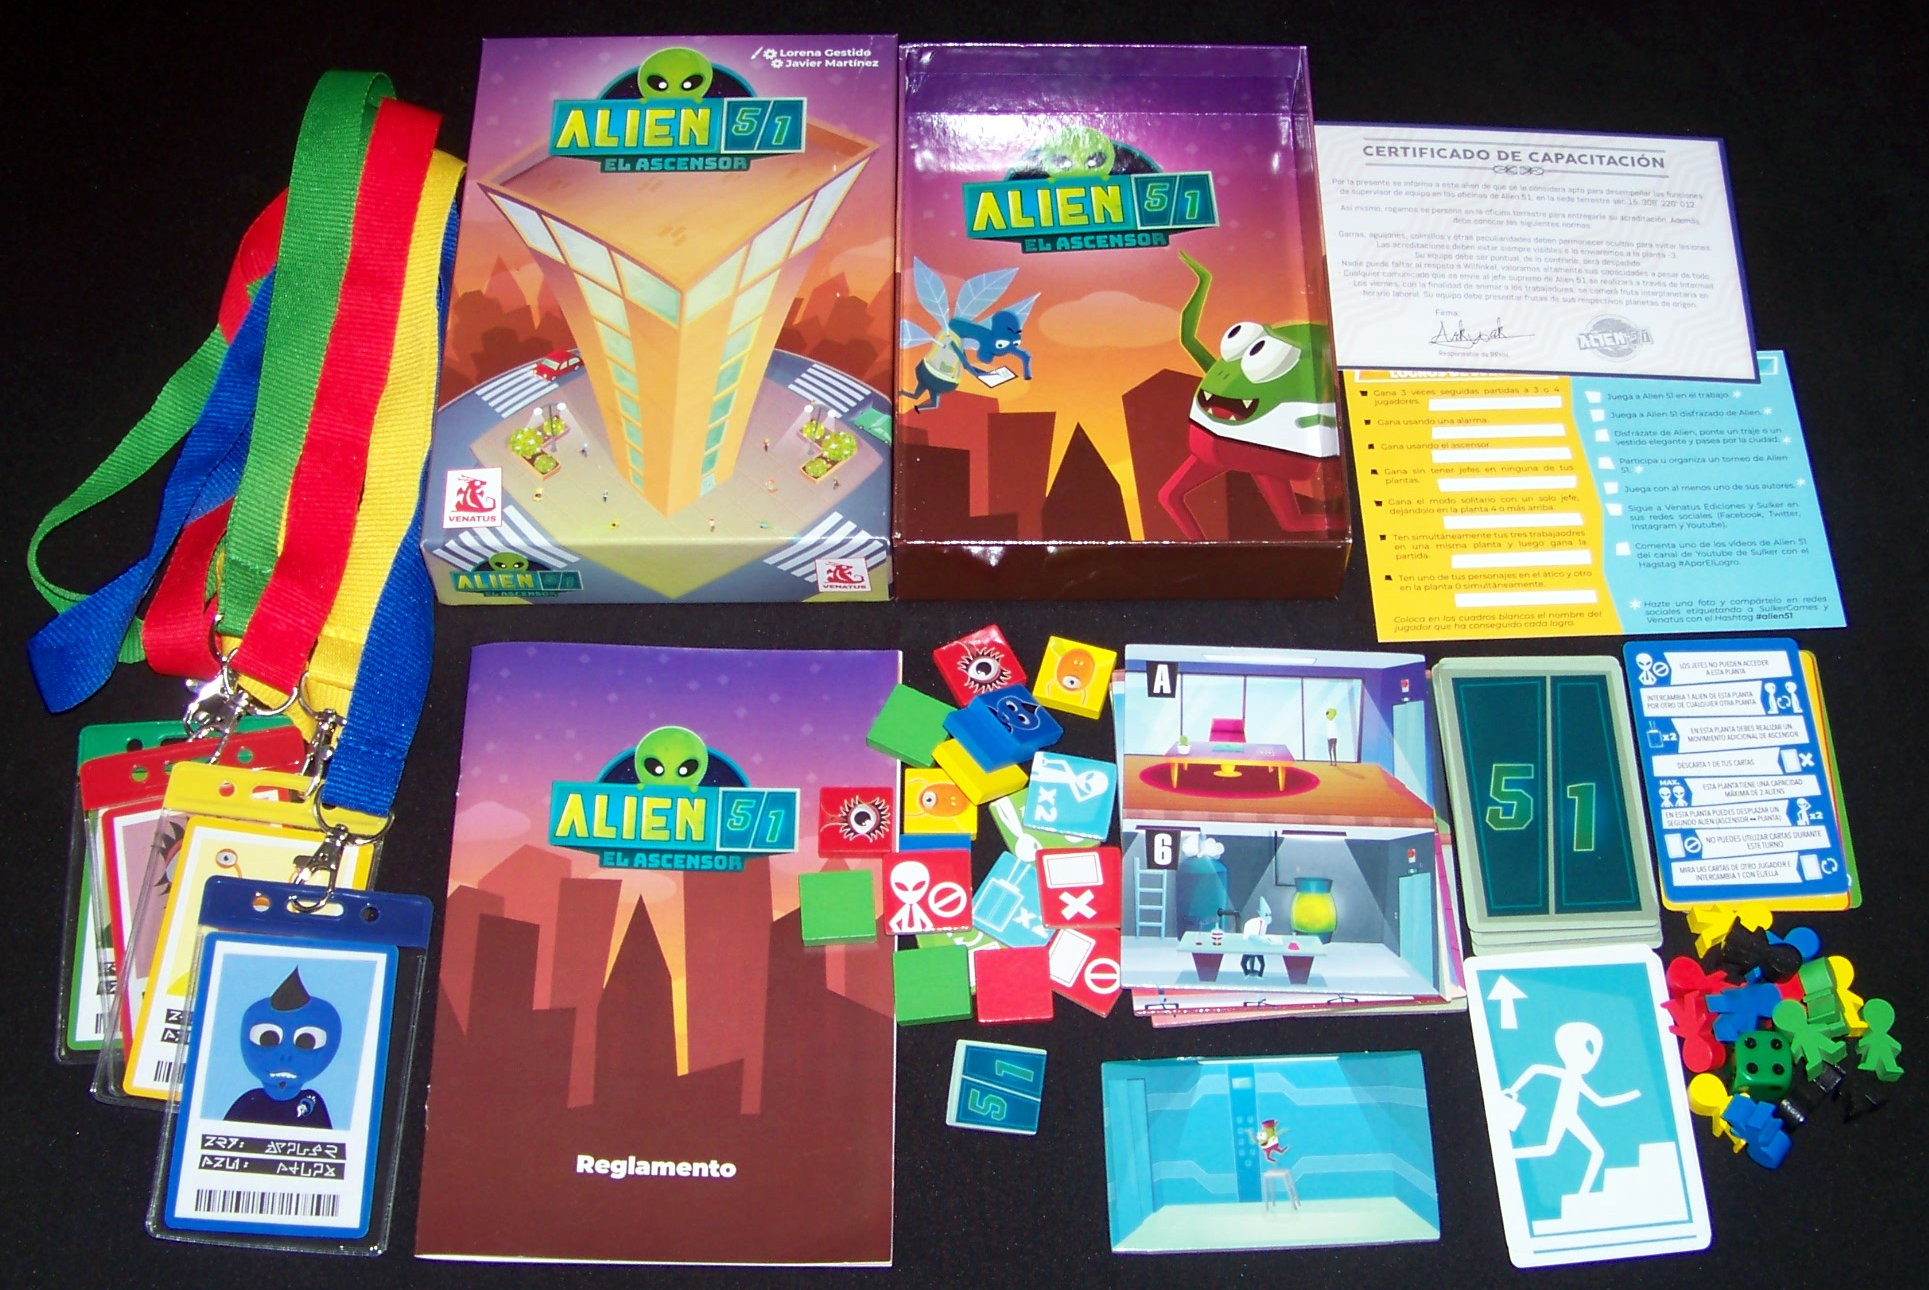 Juego de mesa Alien 51 - contenido